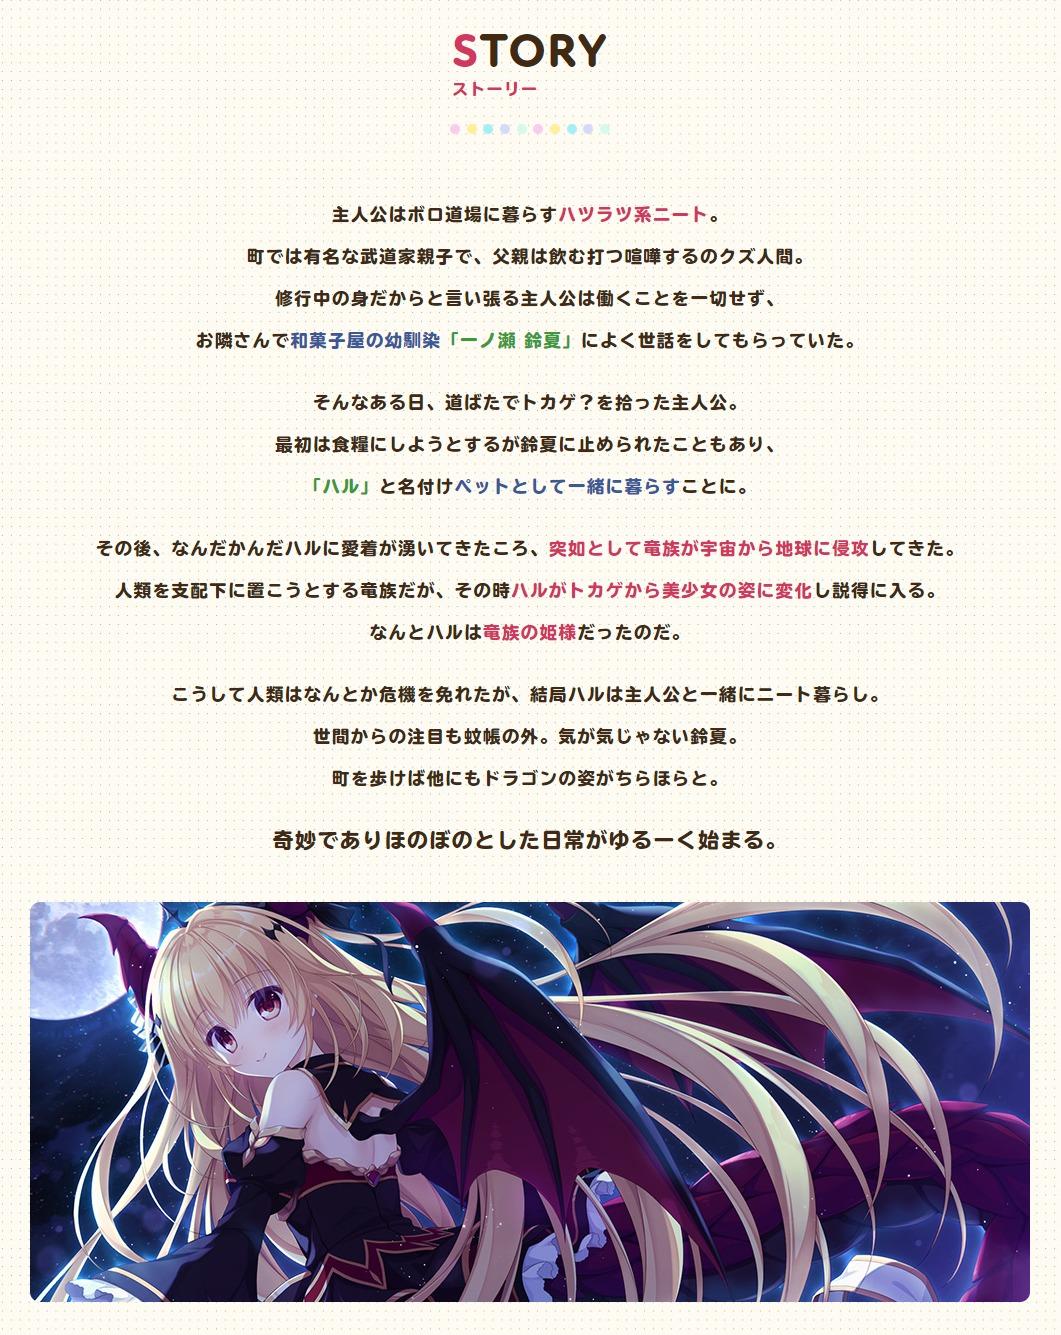 ストーリー|竜姫(どらぷり)ぐーたらいふ